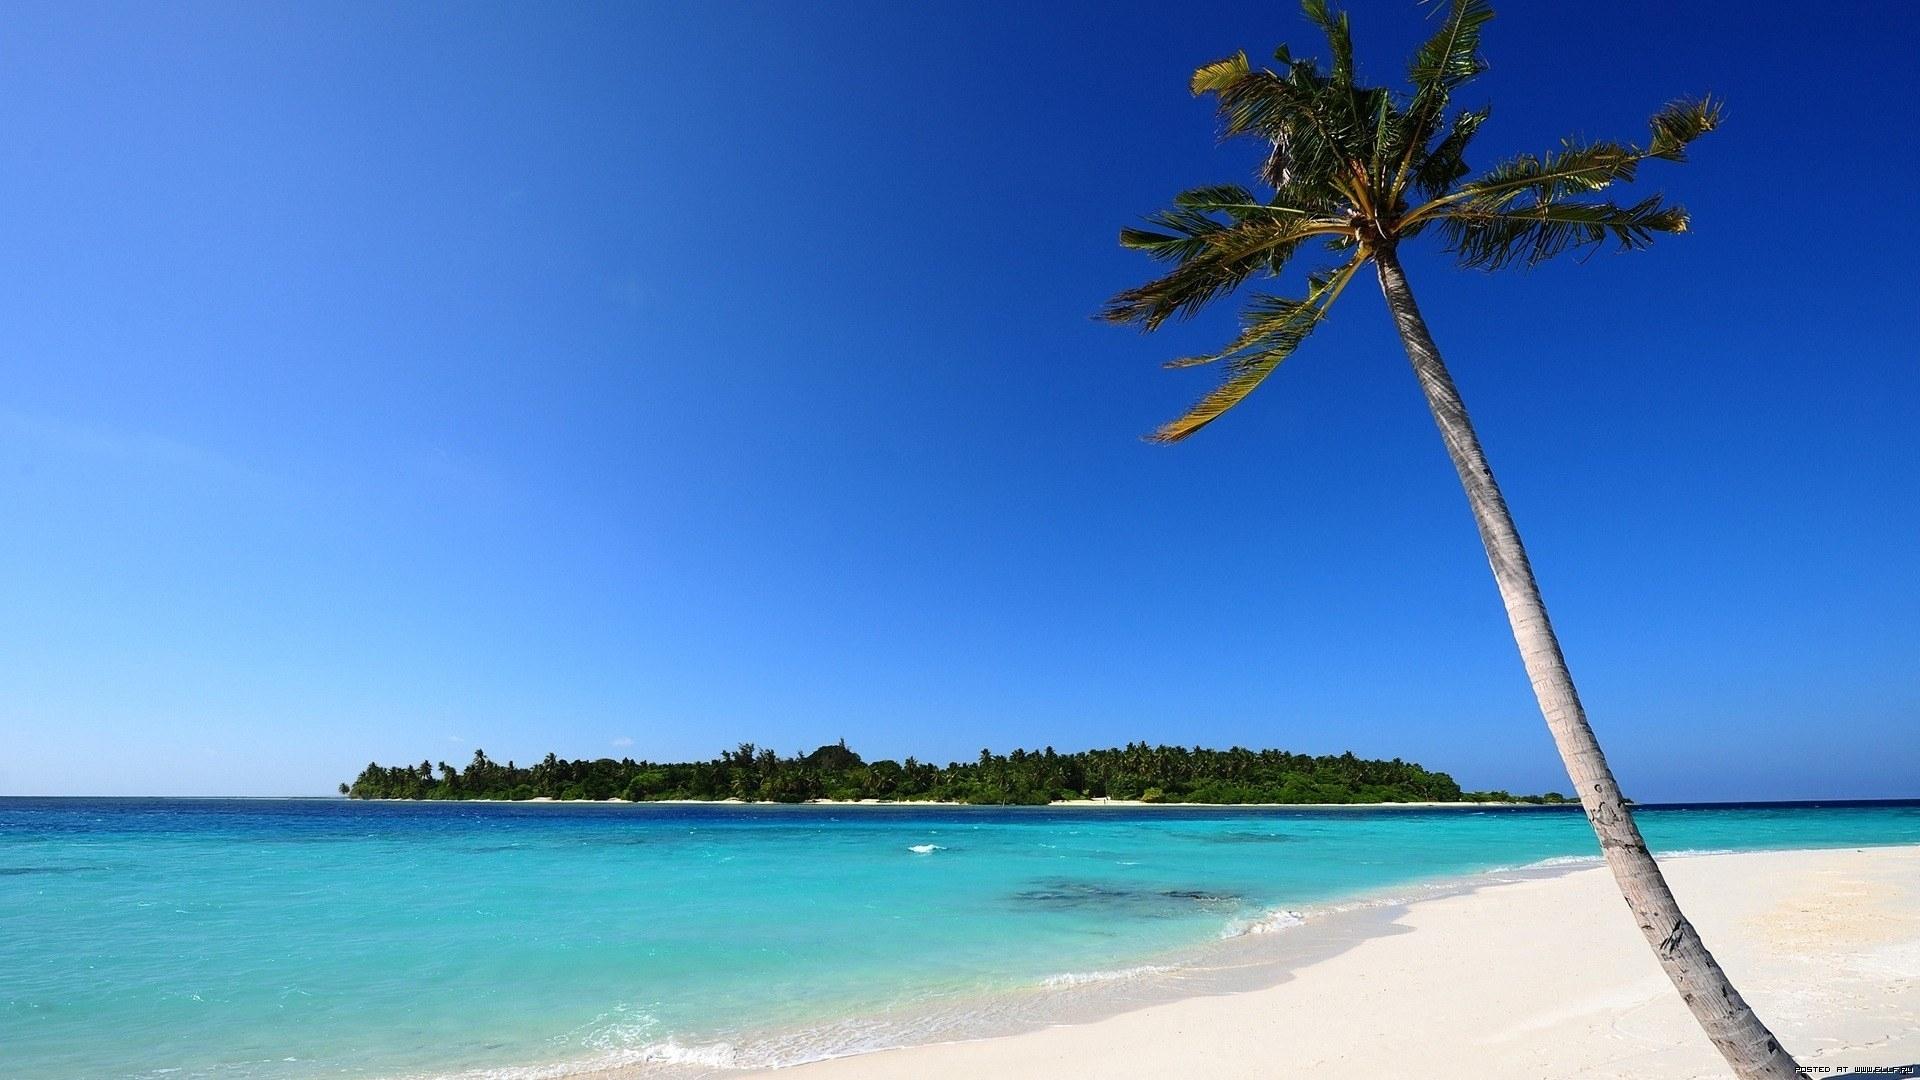 42253壁紙のダウンロード風景, 海, ビーチ-スクリーンセーバーと写真を無料で